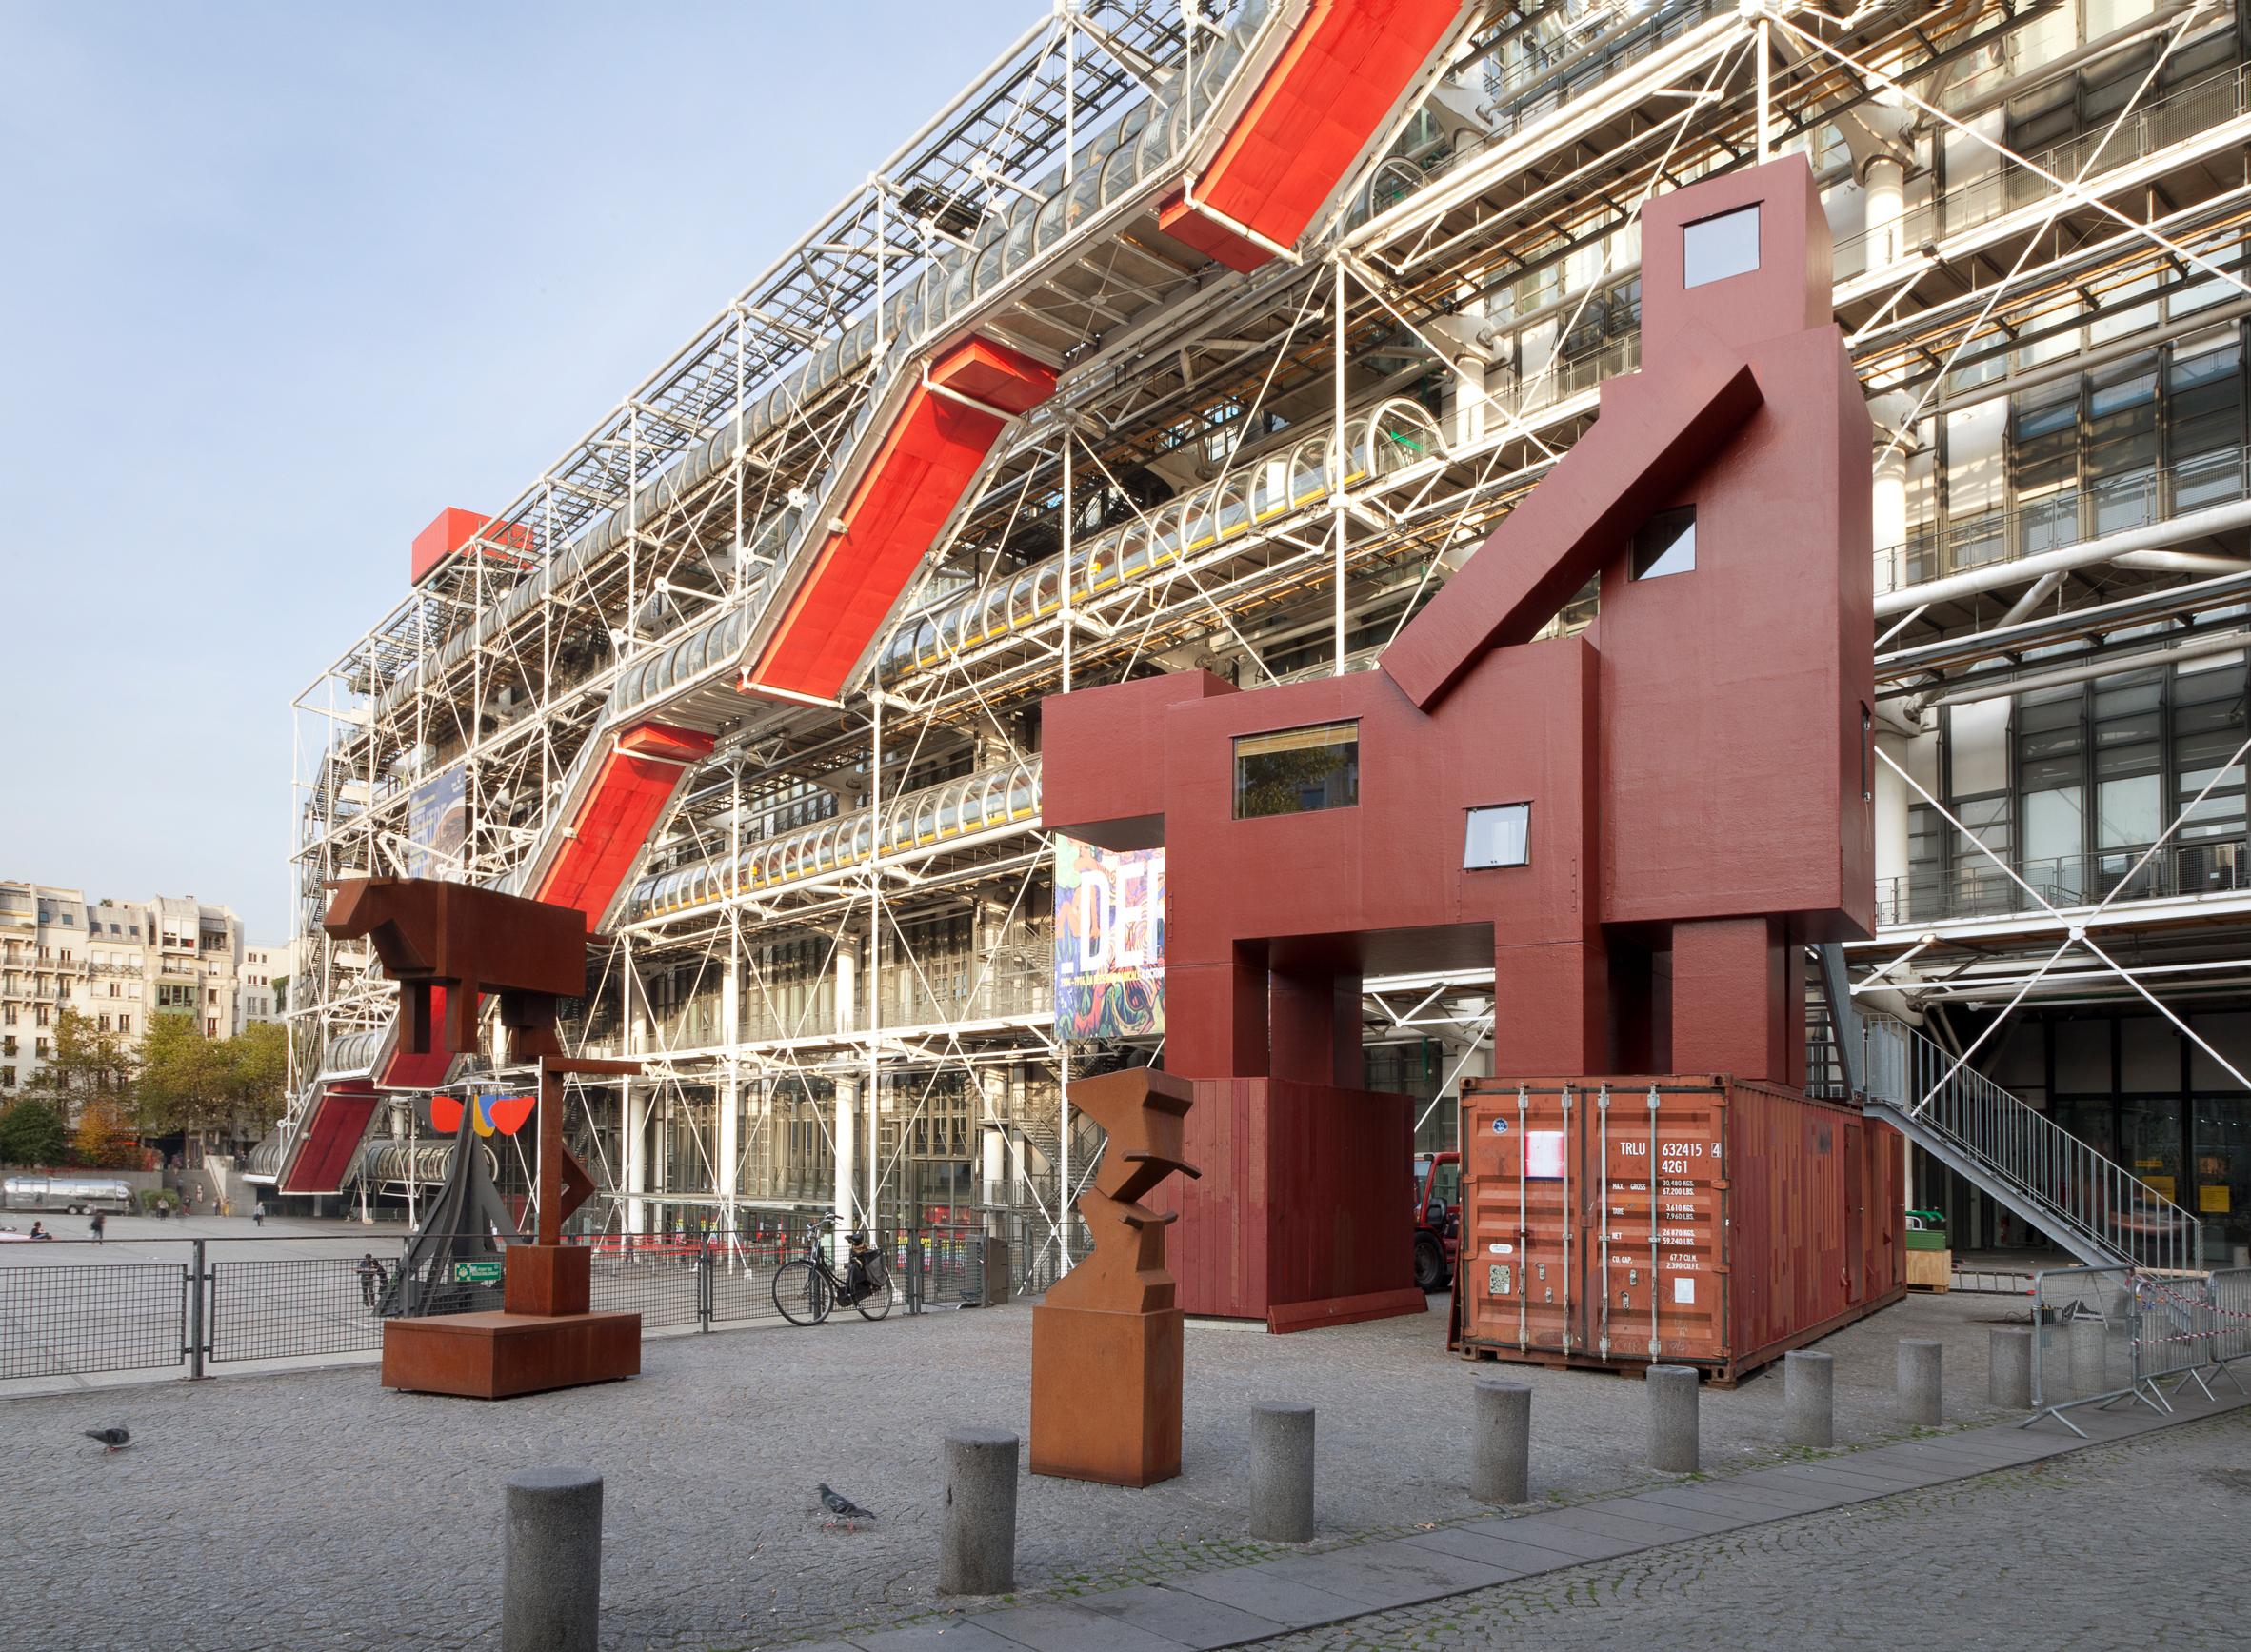 Centre Pompidou showcases Atelier van Lieshout sculpture that was too lewd for Louvre